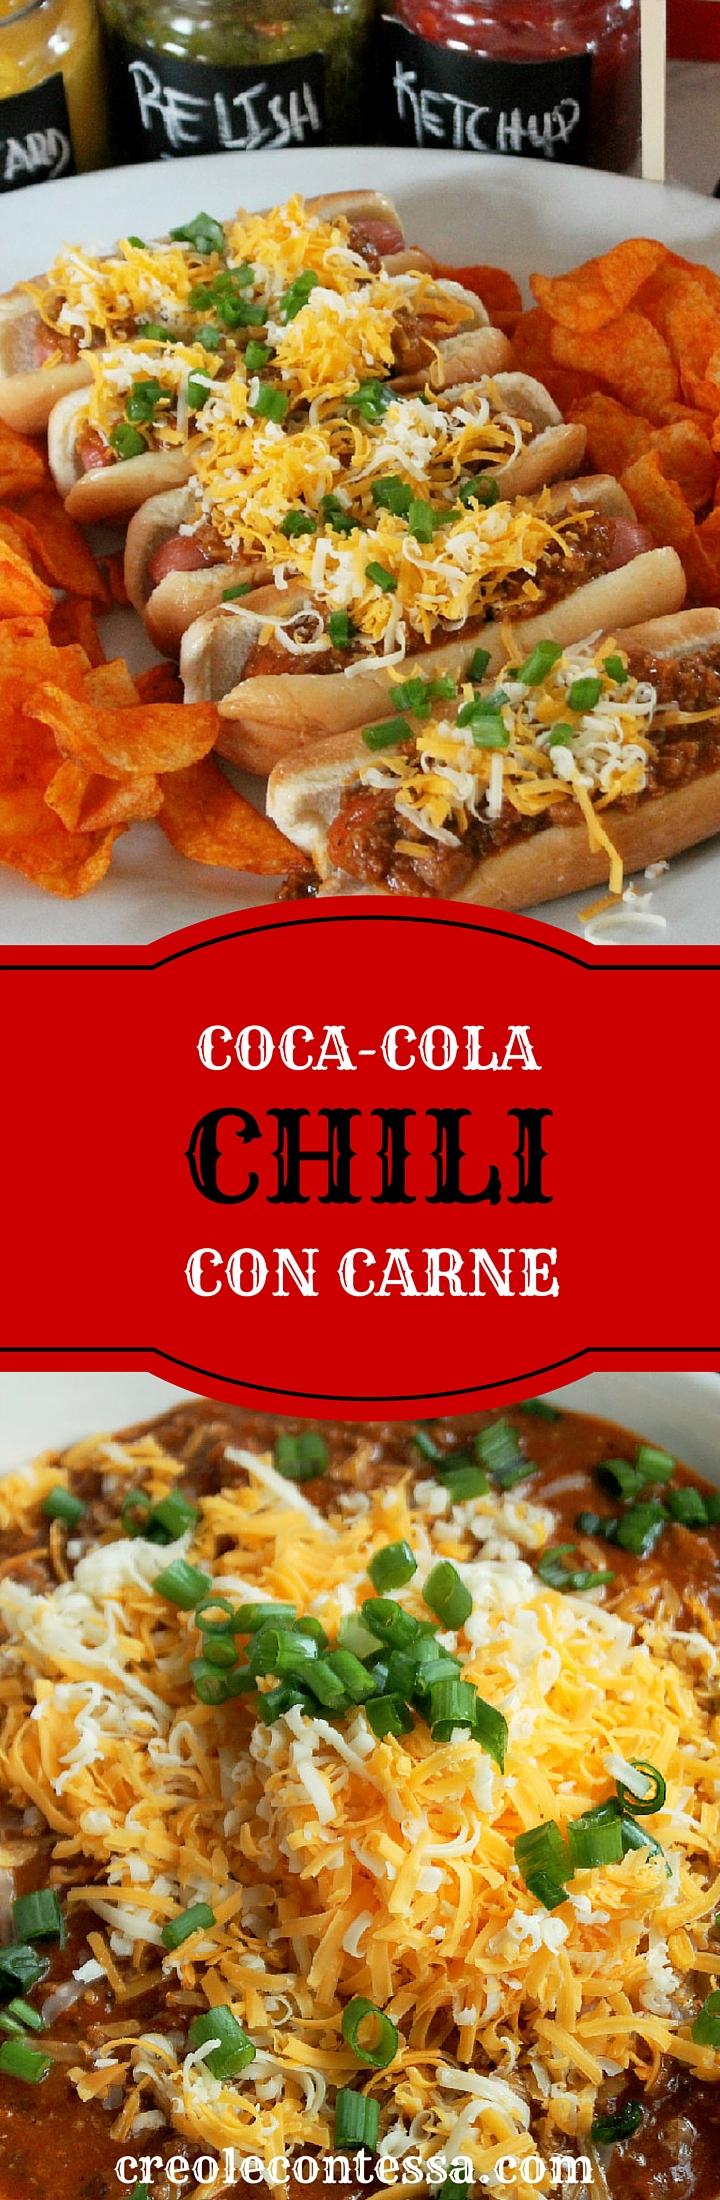 chili con carne coca cola